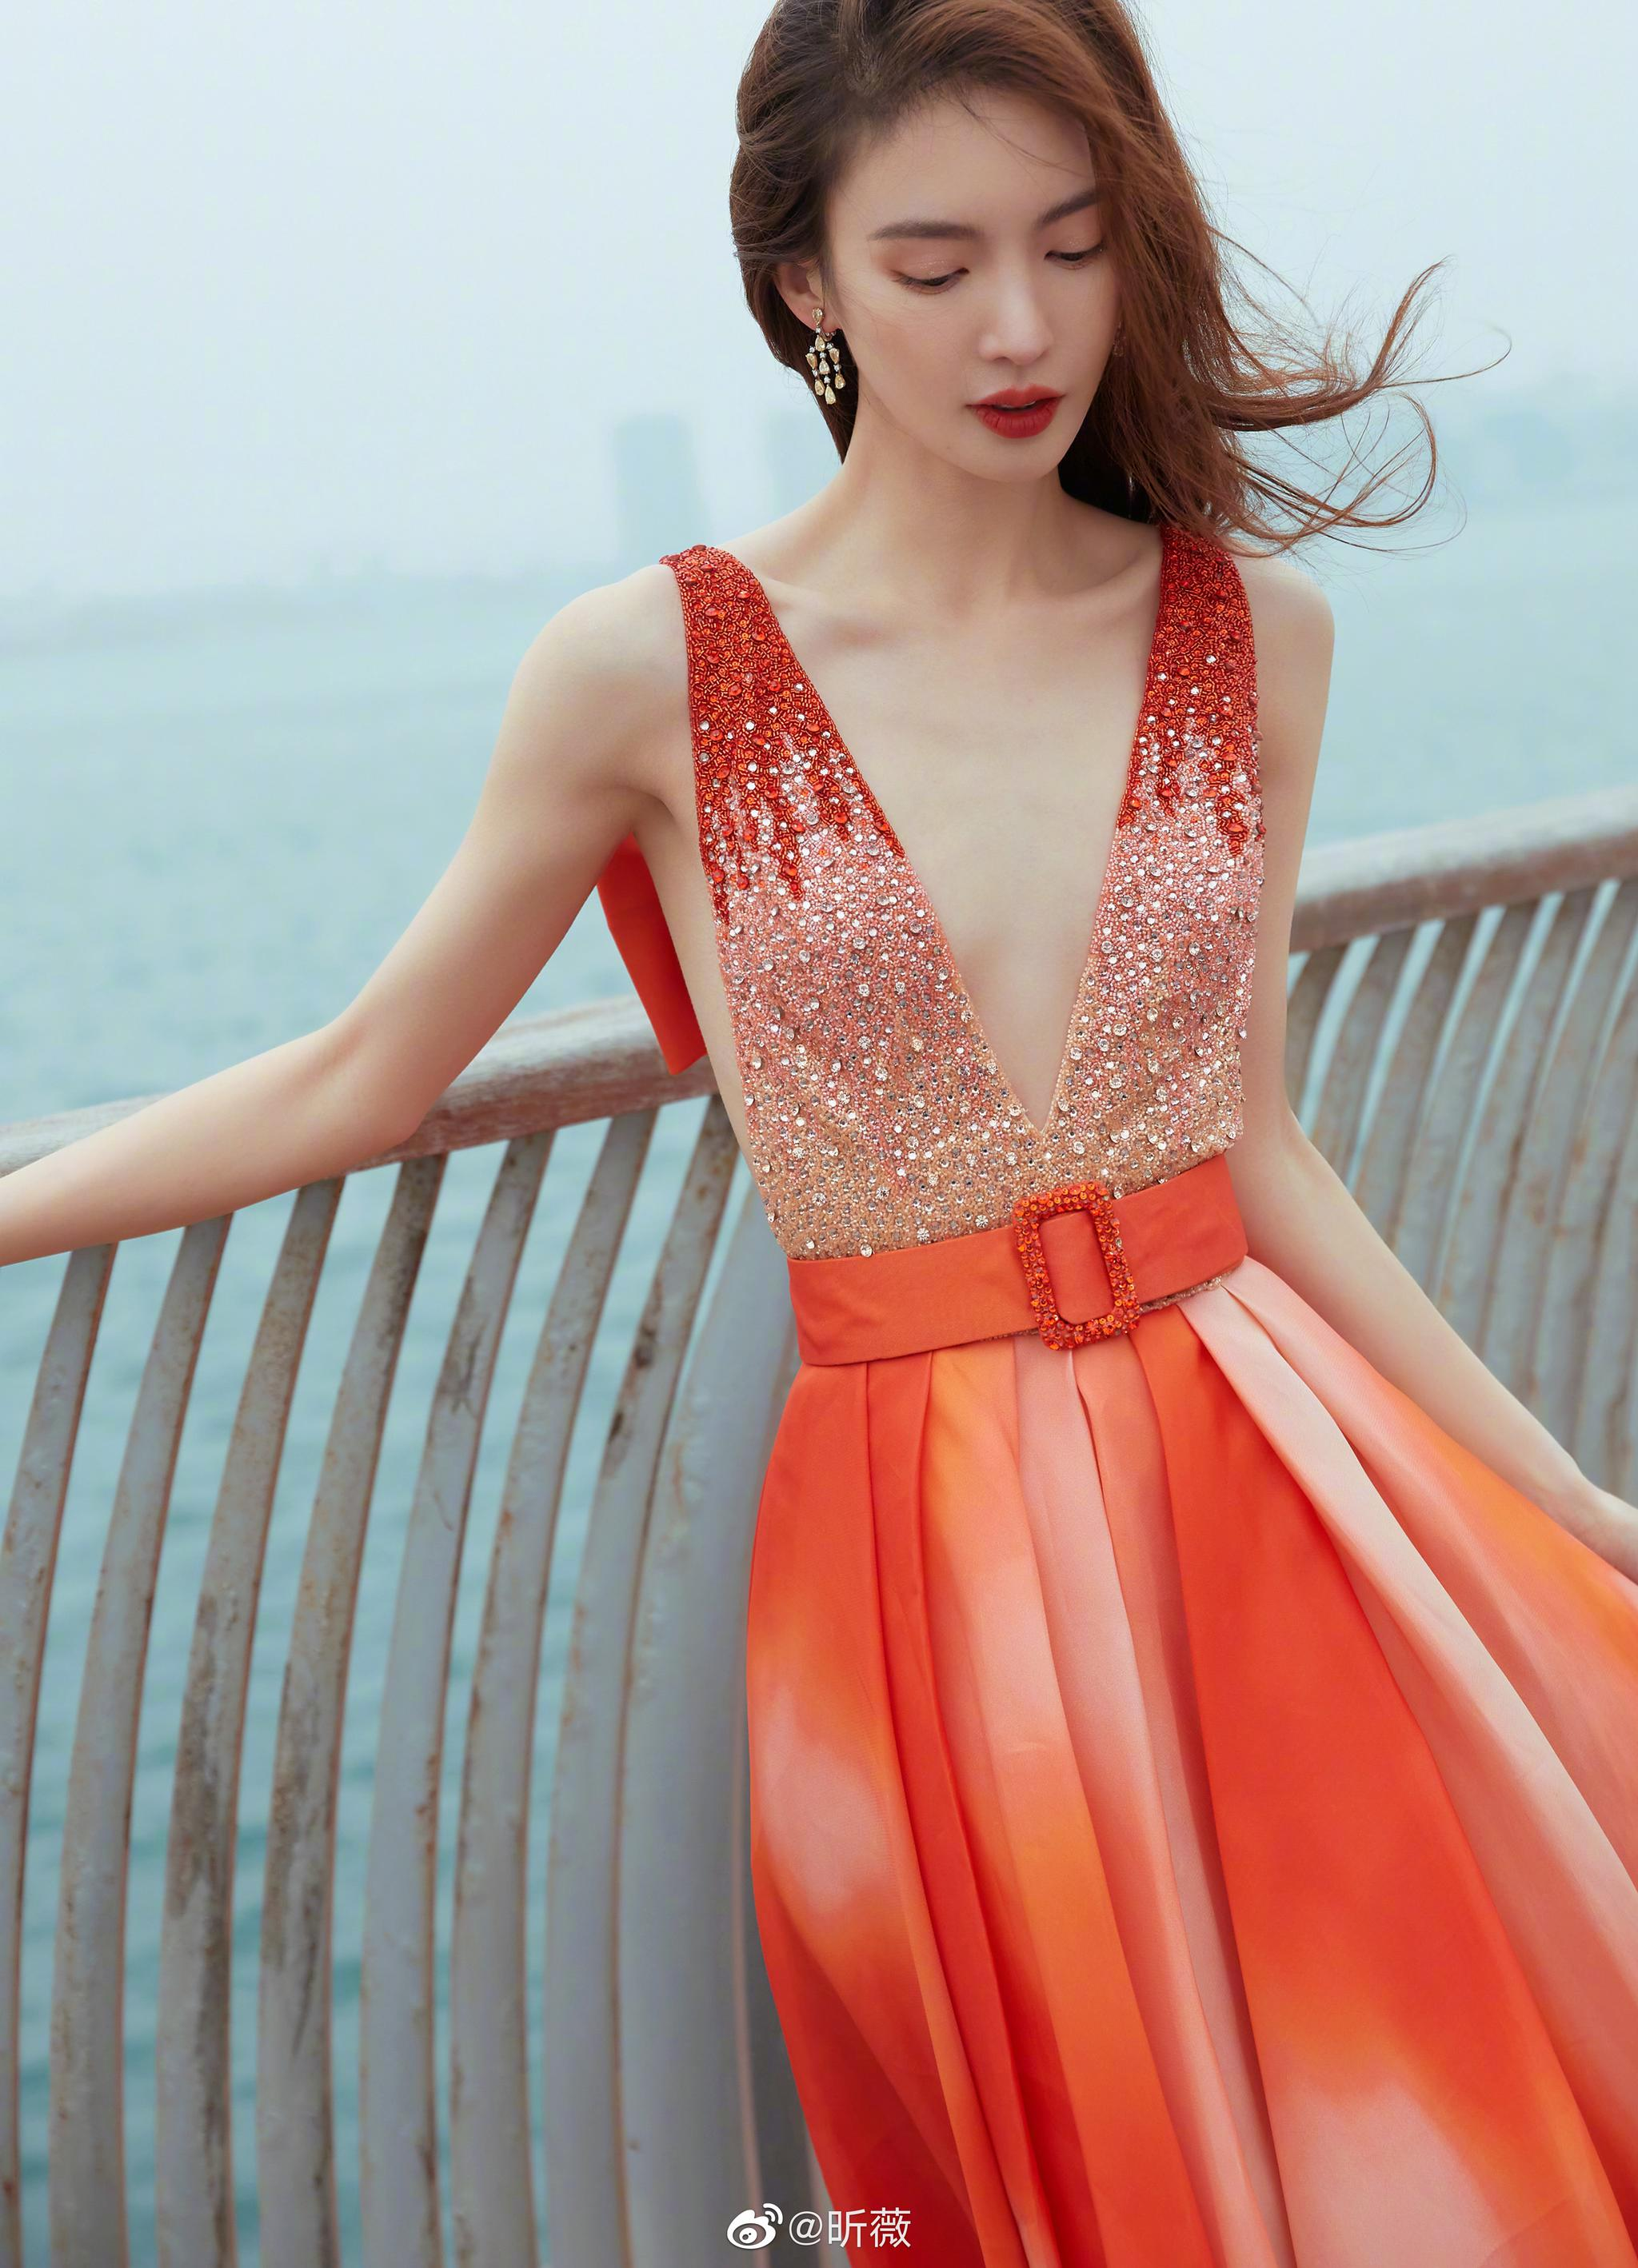 今晚亮相红毯,一袭橘黄渐变长裙搭配清新妆容……